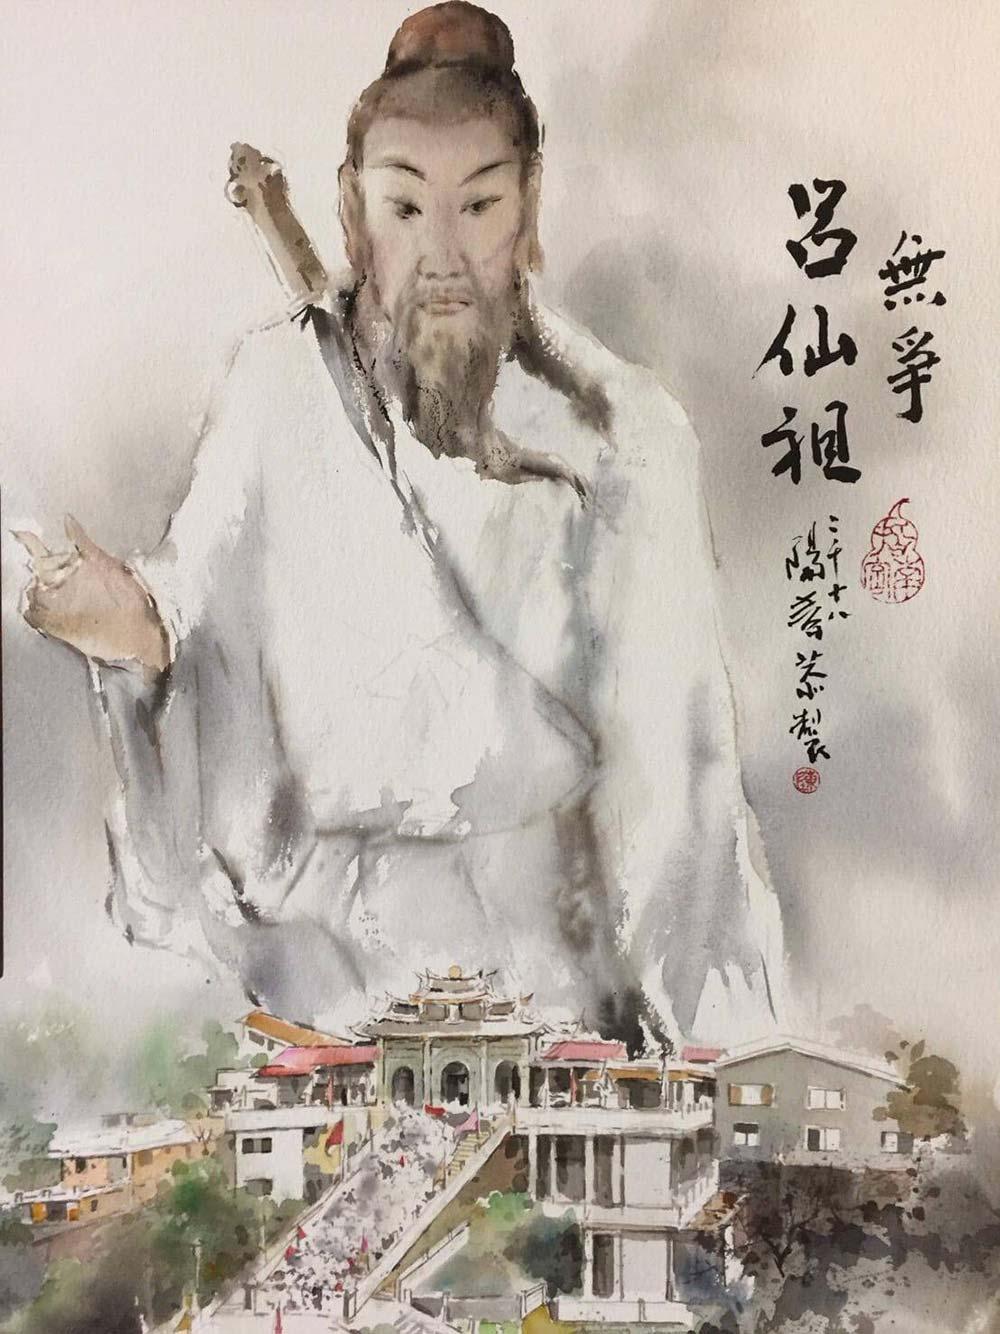 陳陽春教授為指南宮彩繪的呂仙祖法像與純陽寶殿弘觀圖贈獻於宮,永誌存念。